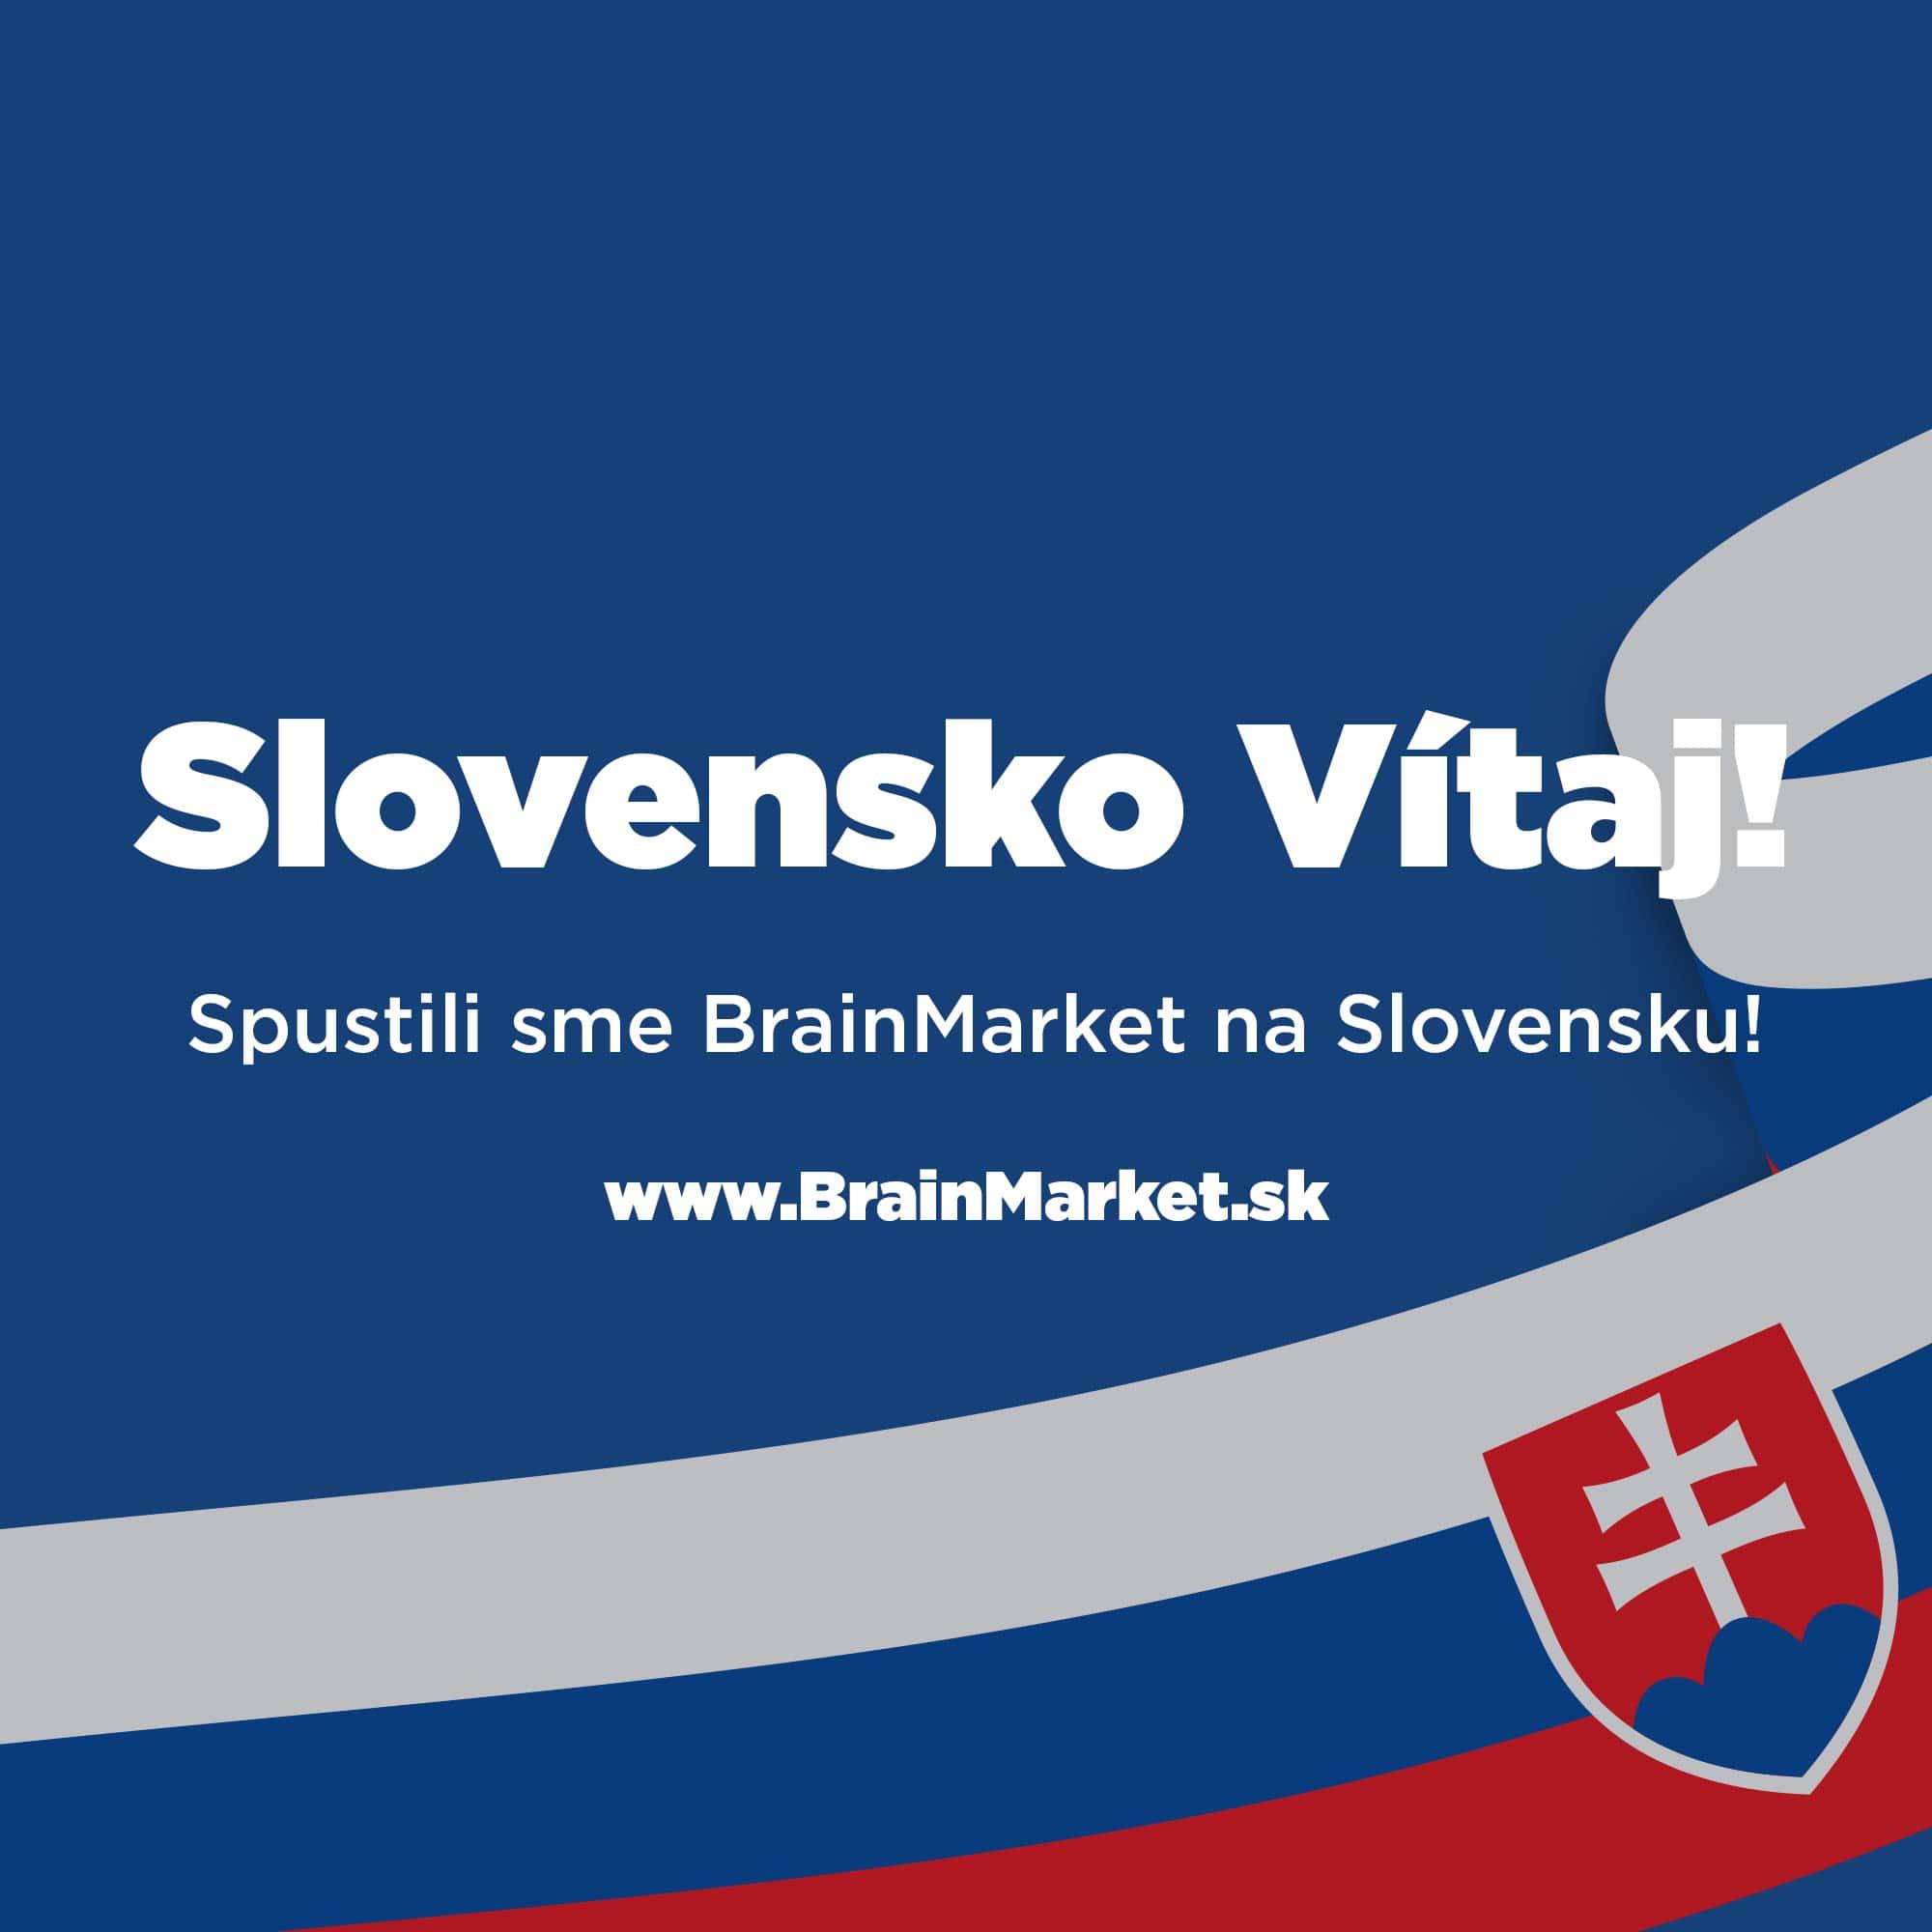 Spouštíme BrainMarket.SK